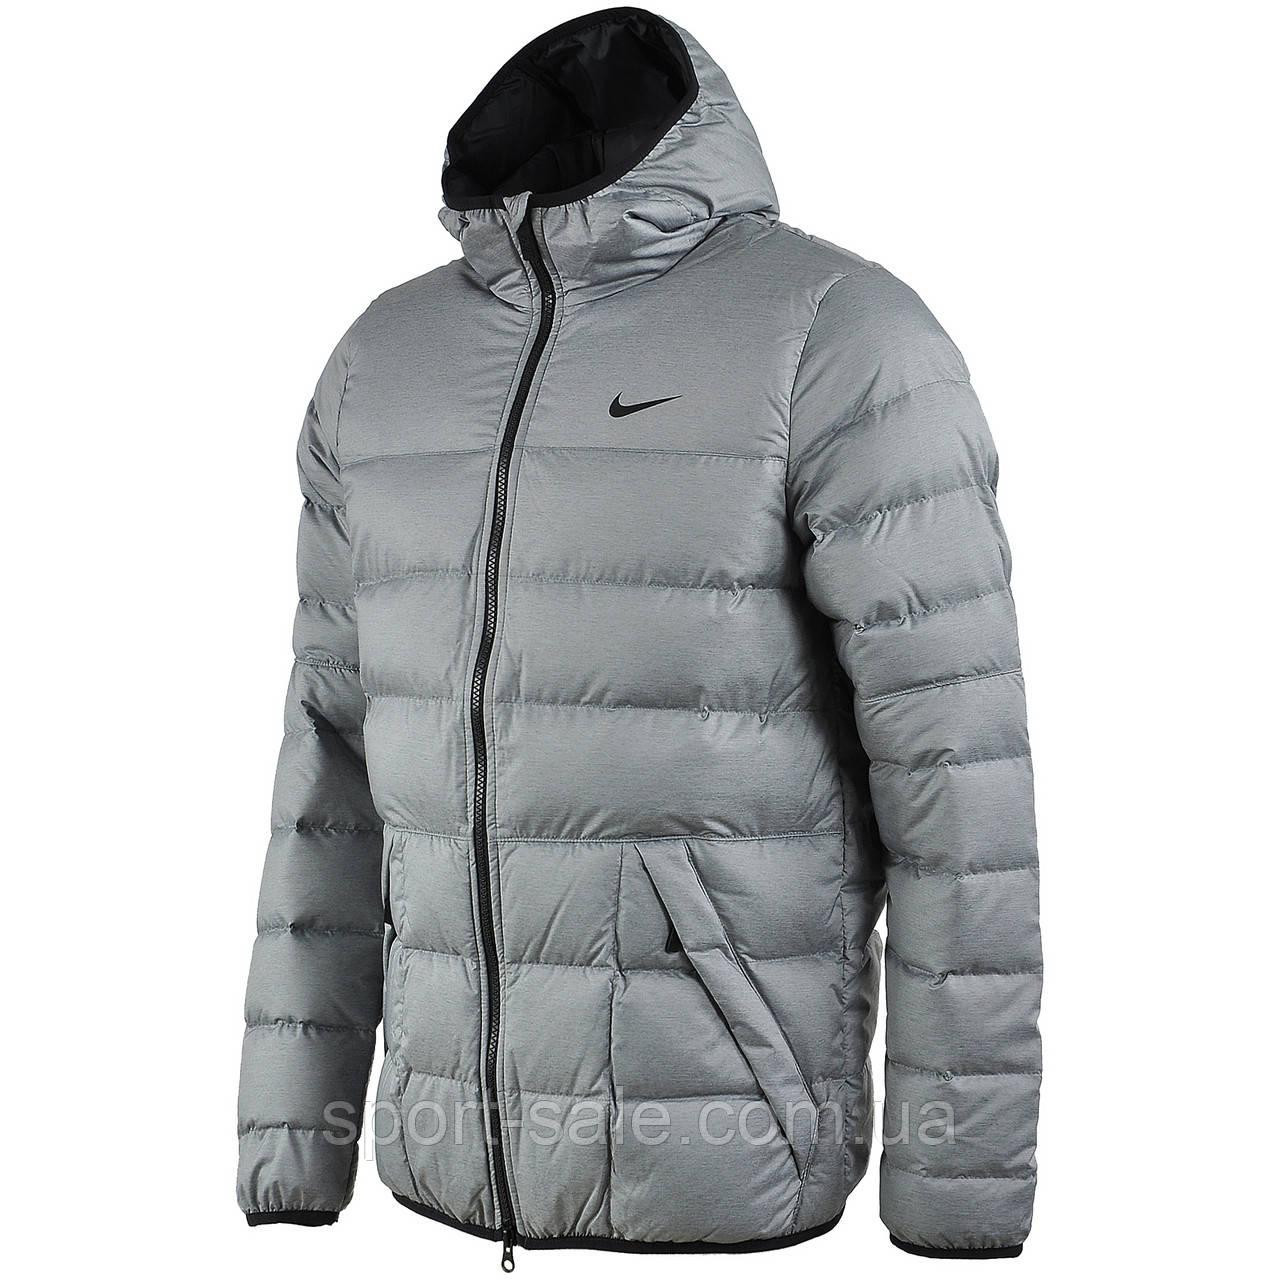 861e3c39 Пуховик Nike Alliance JKT-550 (Оригинал) (678295-012), цена 3 506 ...